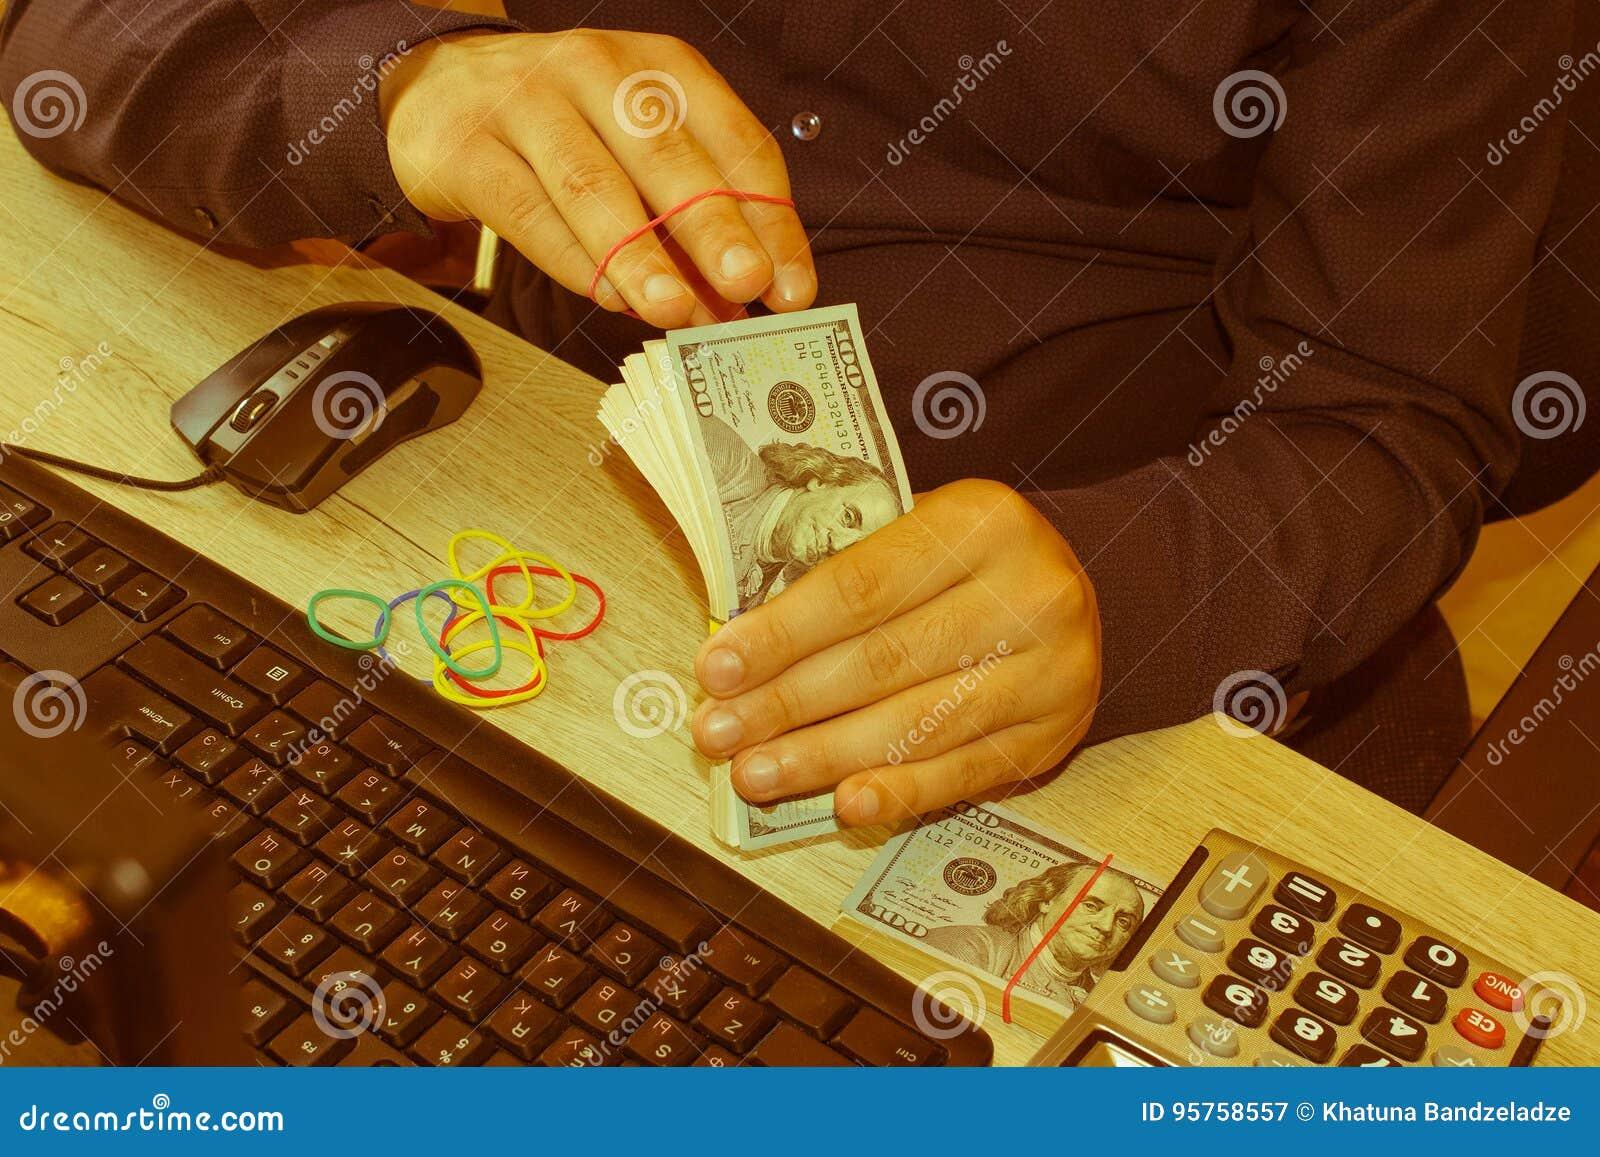 Make Money Earn Cash App  Make Money Easy Online Stock Image